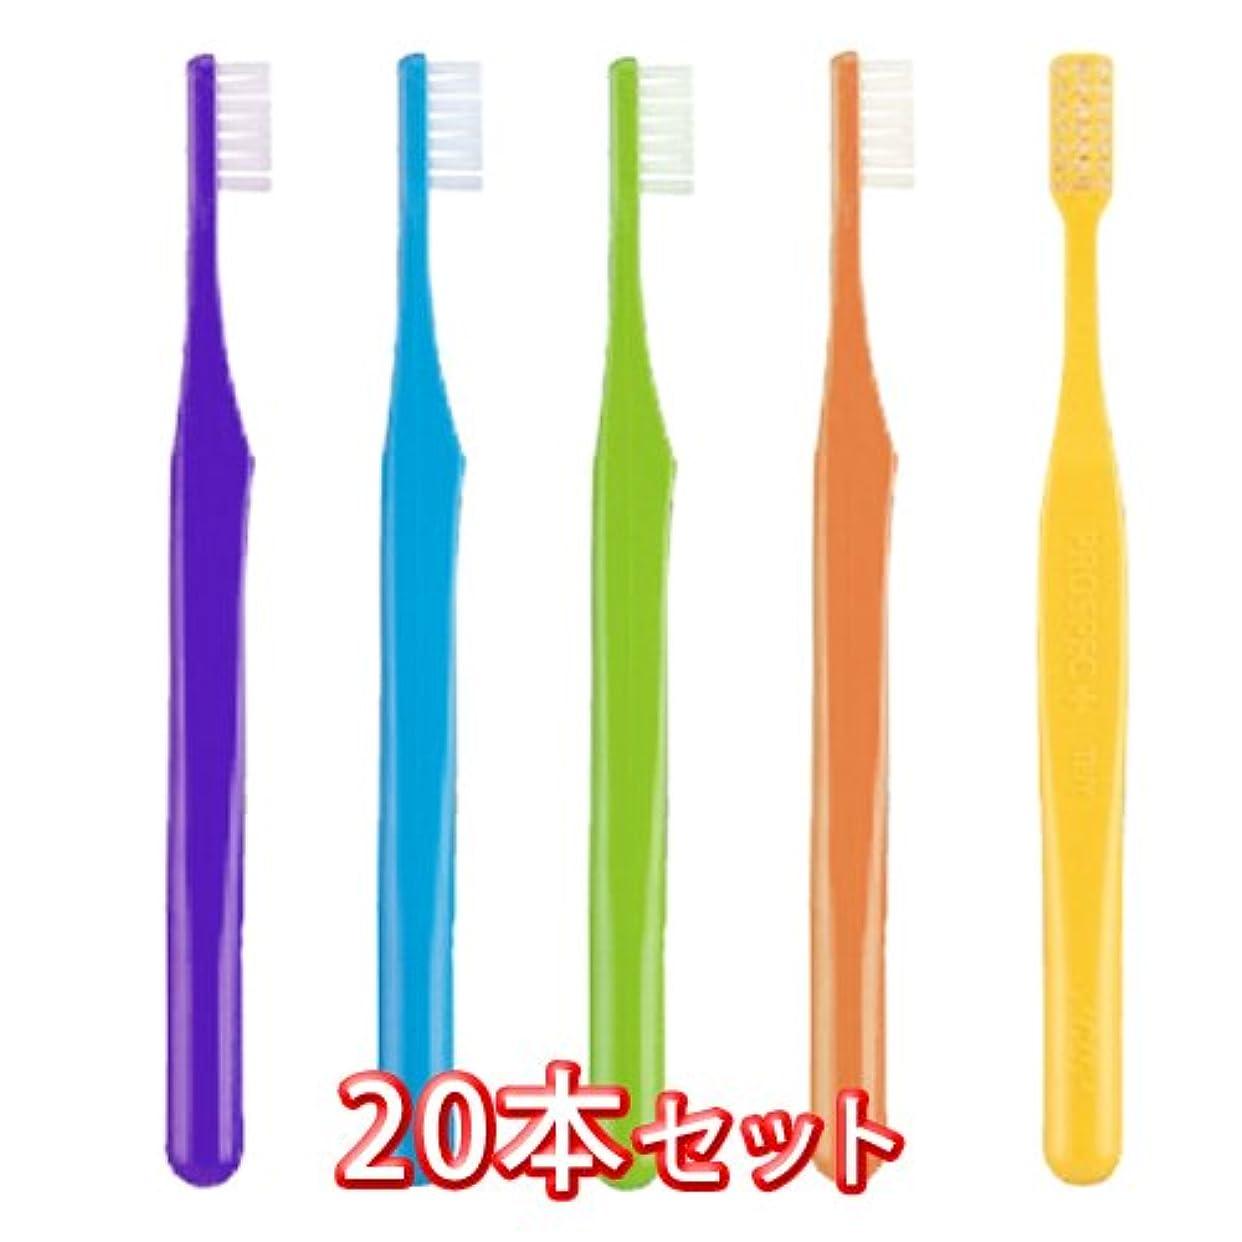 ファームジャンクトランクライブラリプロスペック プラス 歯ブラシ 20本入 タイニー